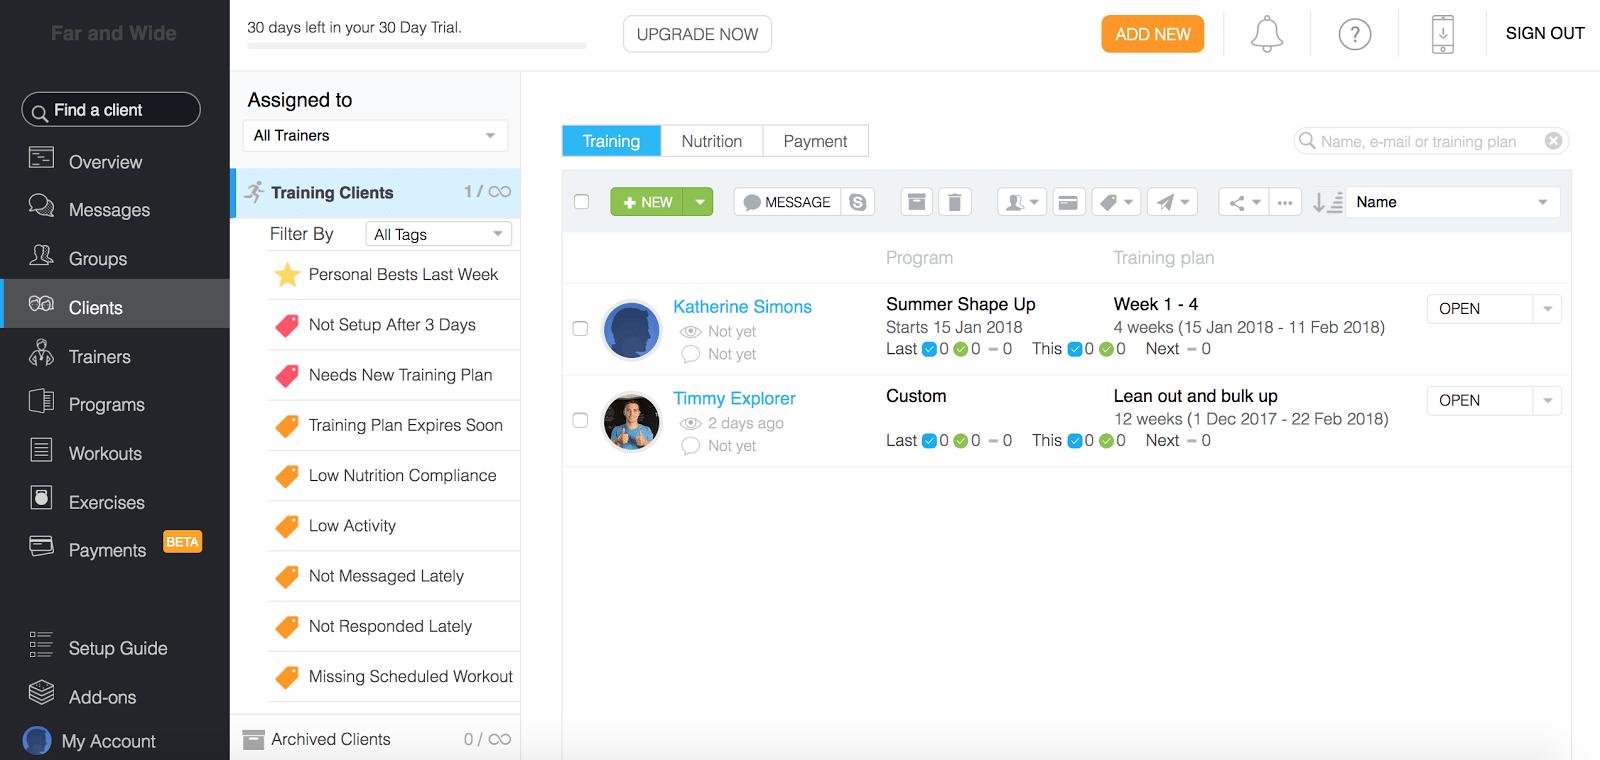 Trainerize review client management